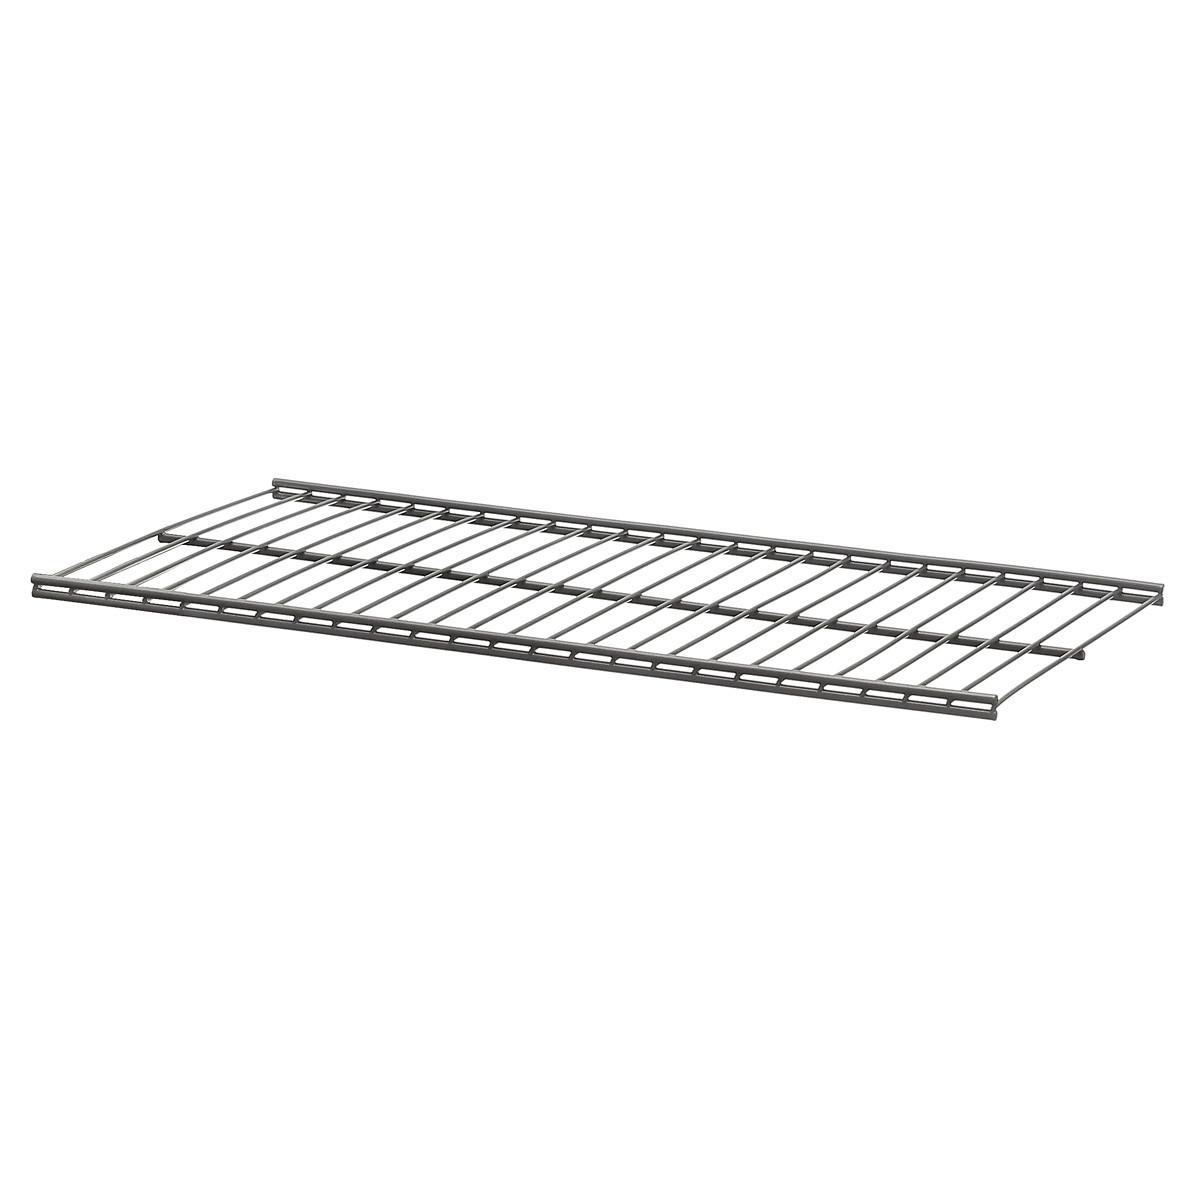 Полка для гардеробной системы  Larvij  серая  603x306мм L9963GA